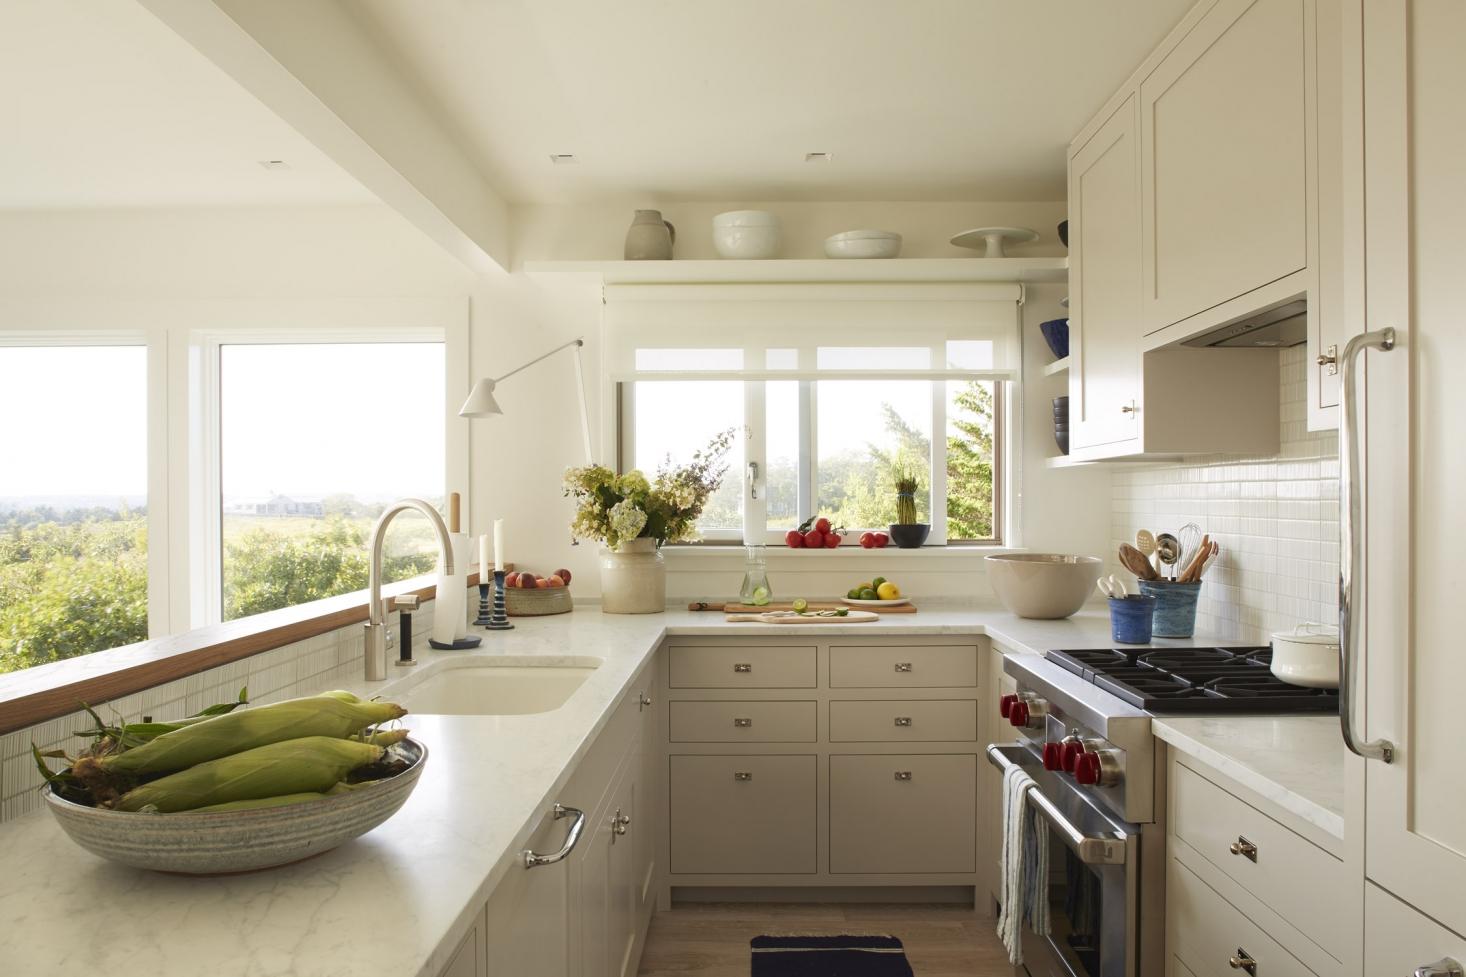 kitchen-chilmark-cottage-windows-white-1466x977.jpg